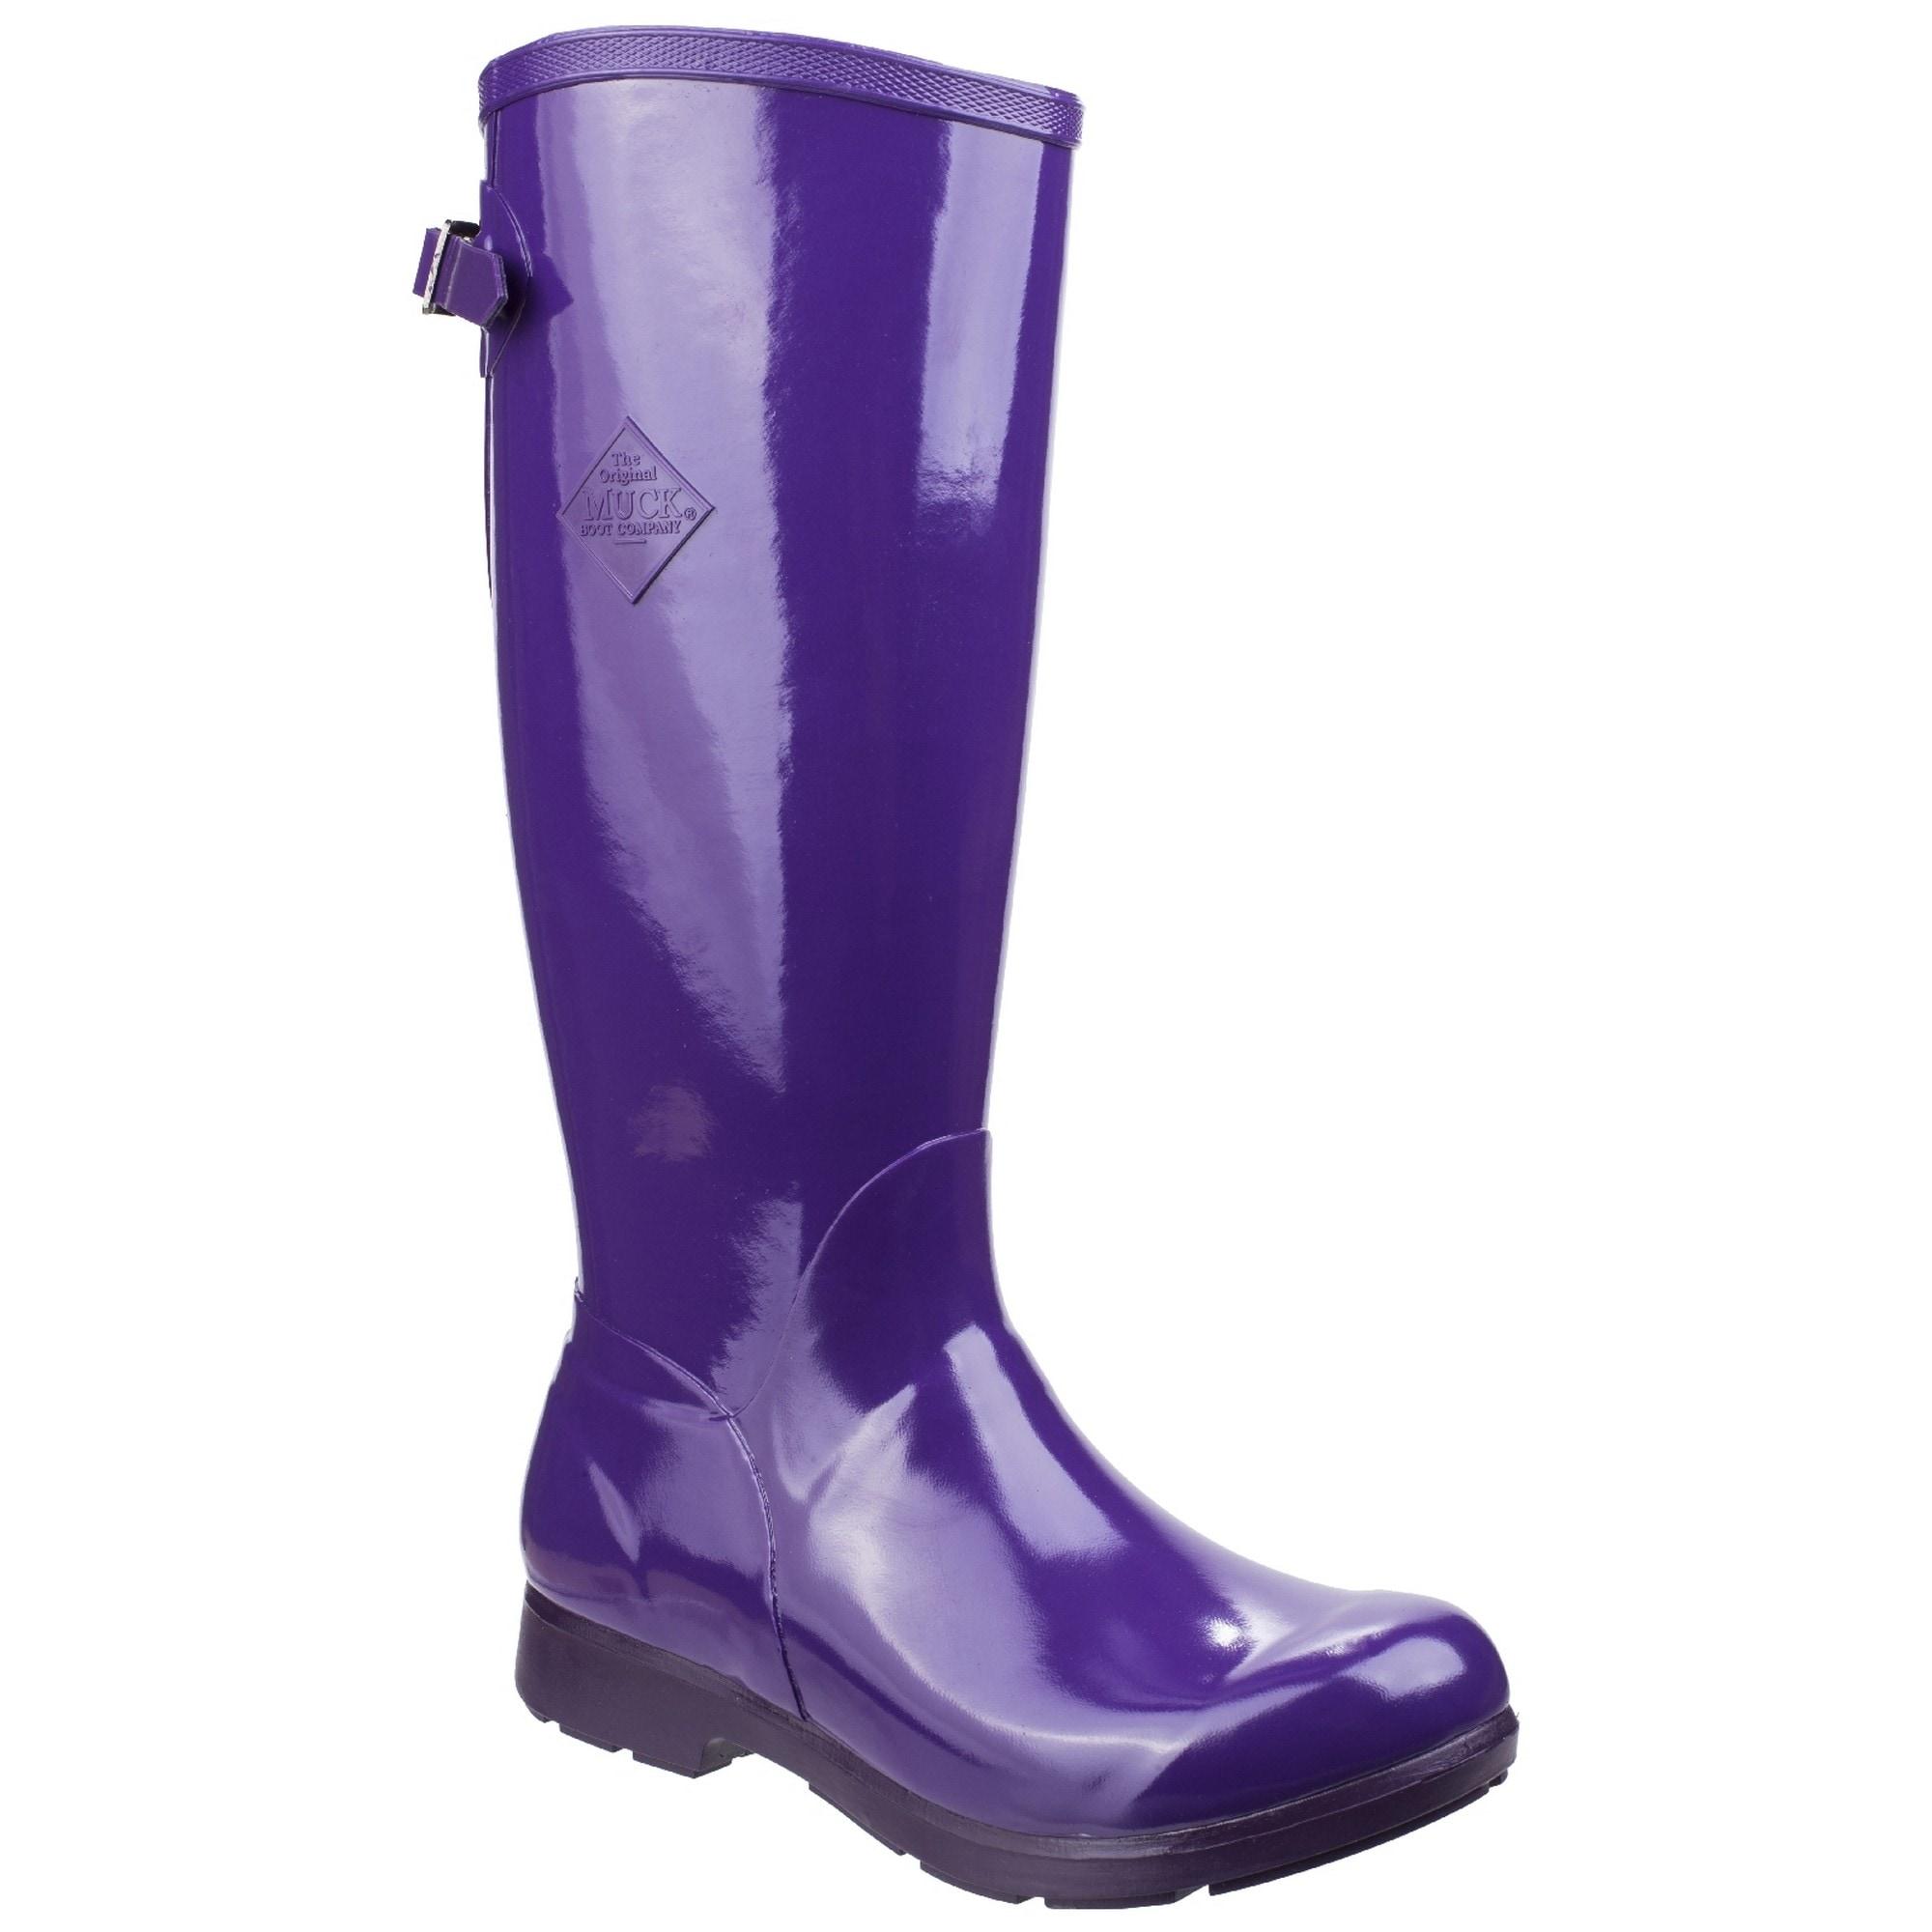 muck boots -  Gummistiefel Damen Bergen hohe, leichte .